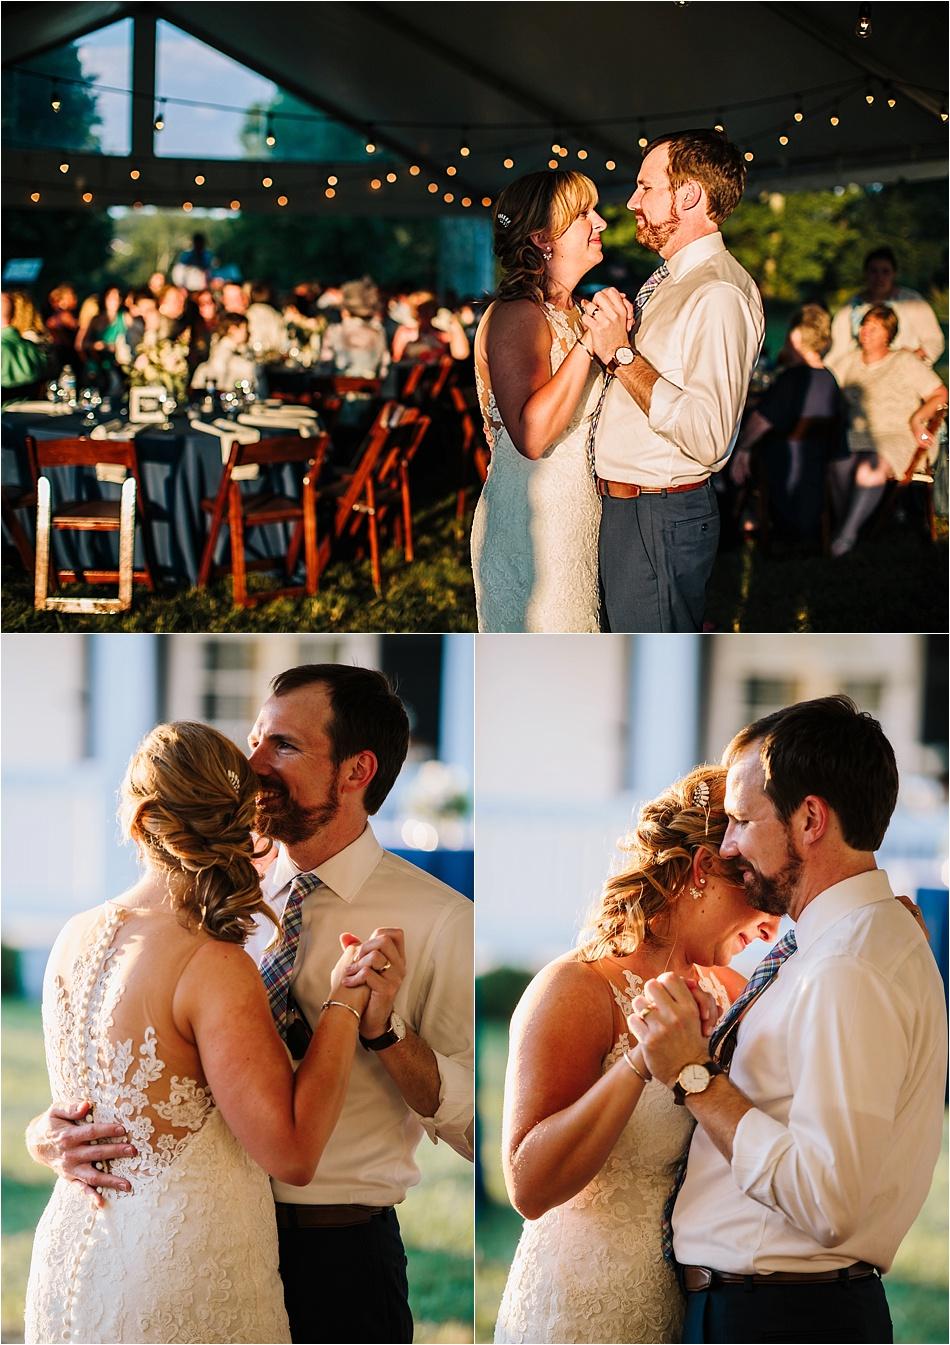 CK-Photo-Nashville-Wedding-Photographers